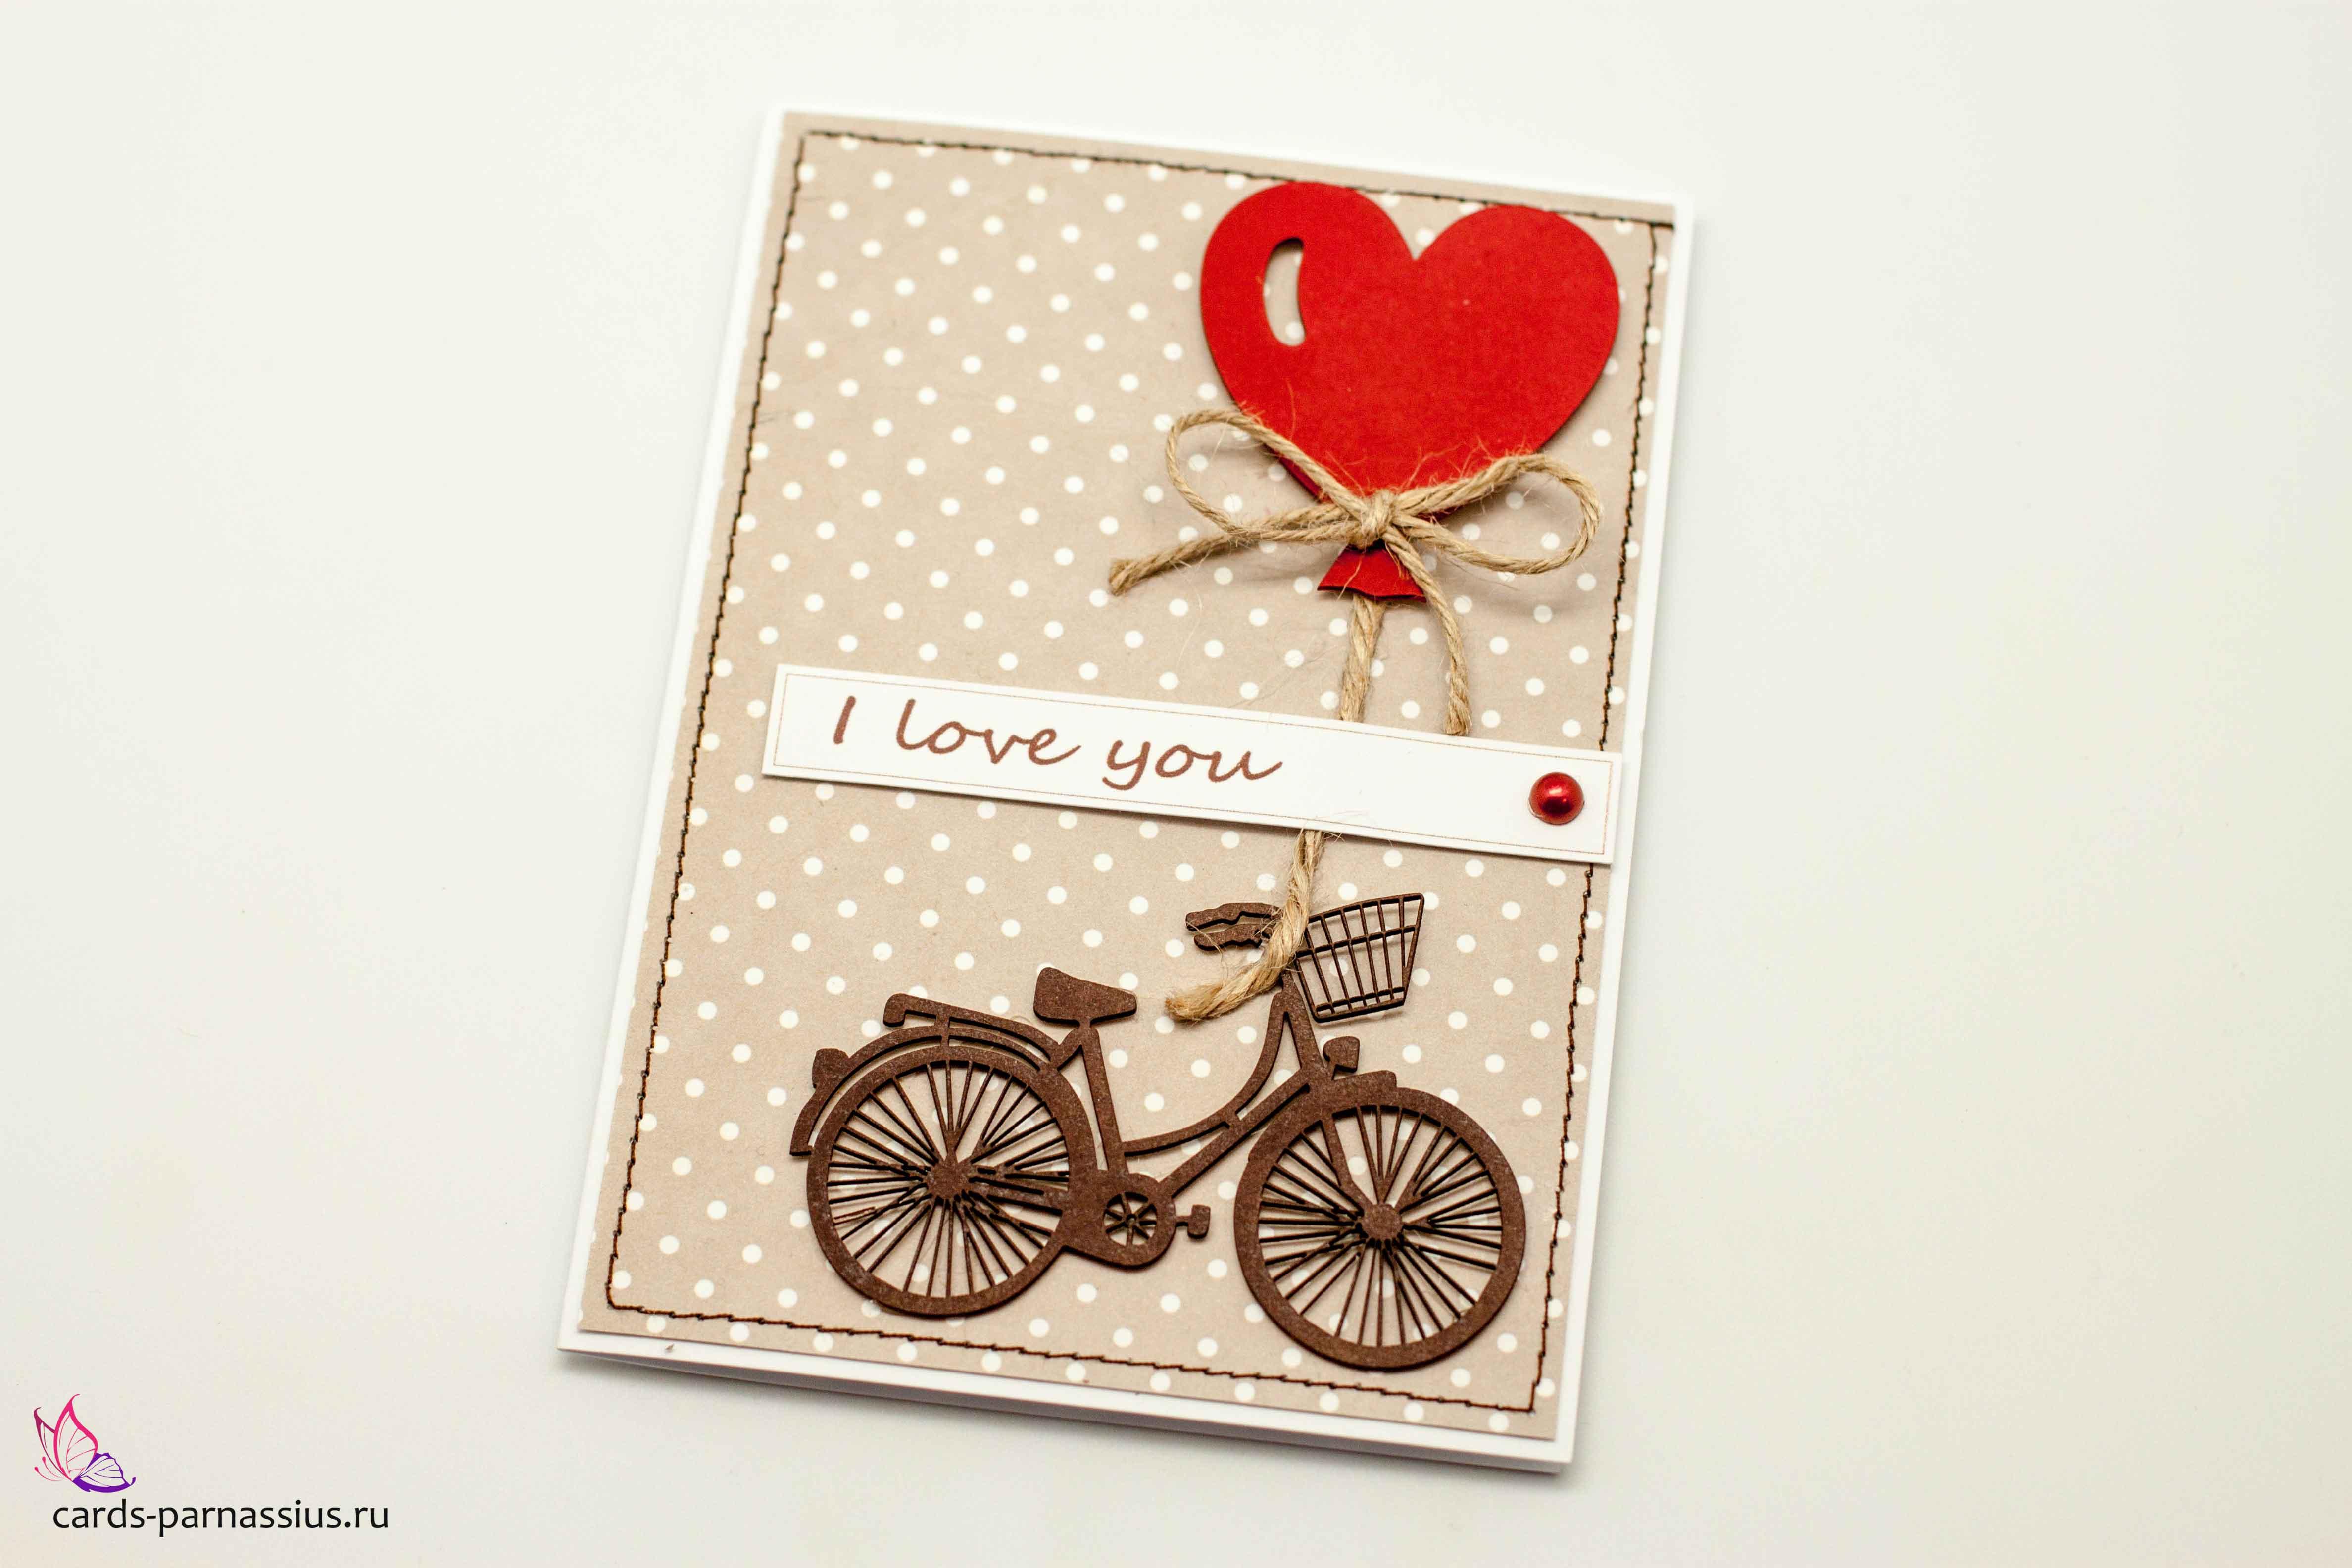 Поздравления с днем рождения карина открытки